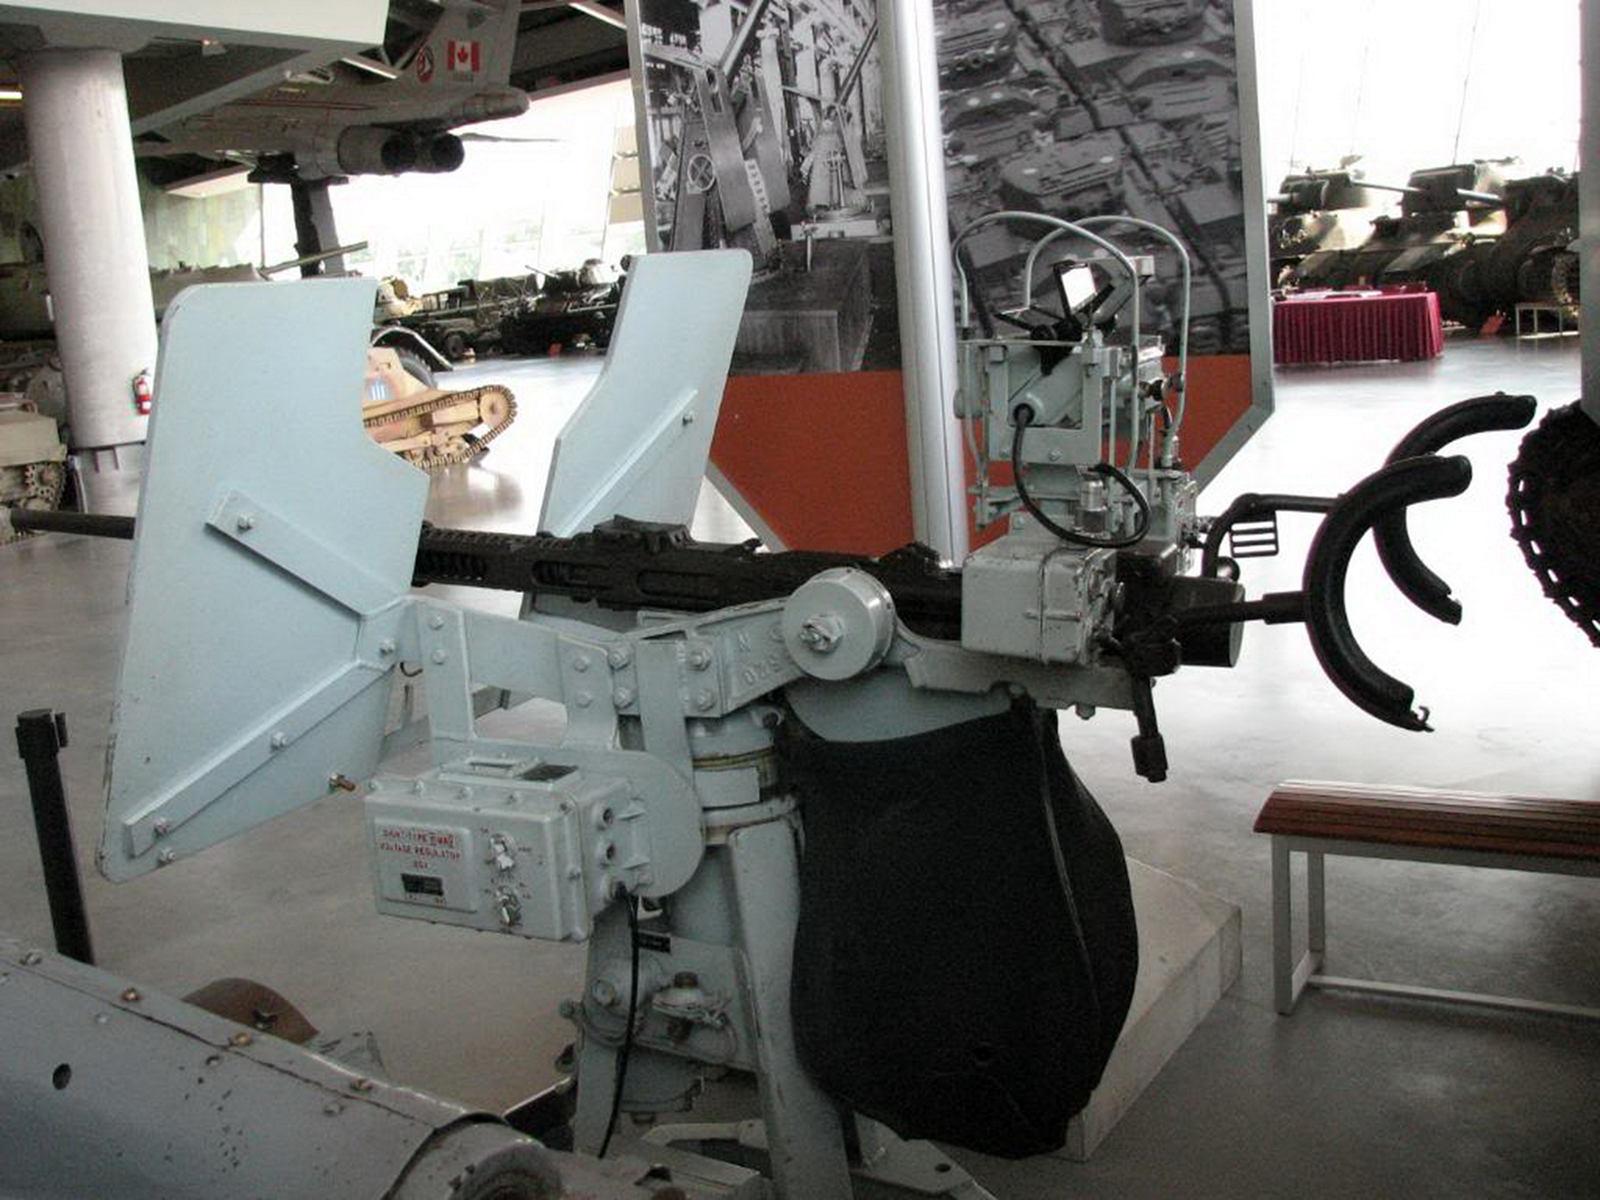 20mm Anti-Aircraft Gun (2)